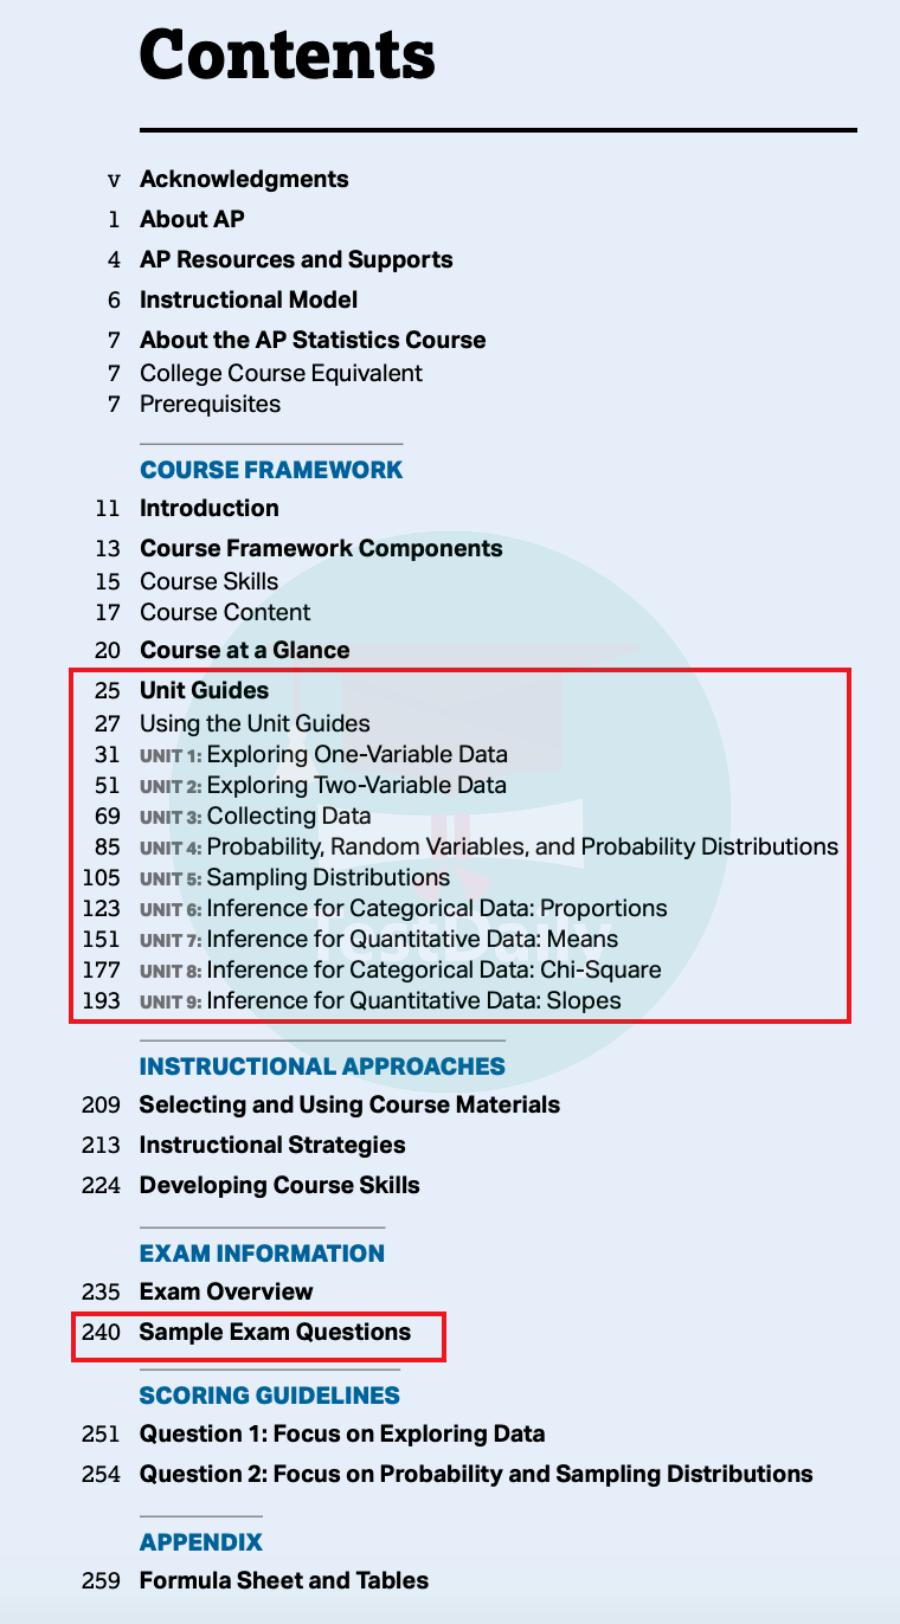 2021年AP 10科官方考纲及样题解析,免费下载-2021最新AP考试备考资料